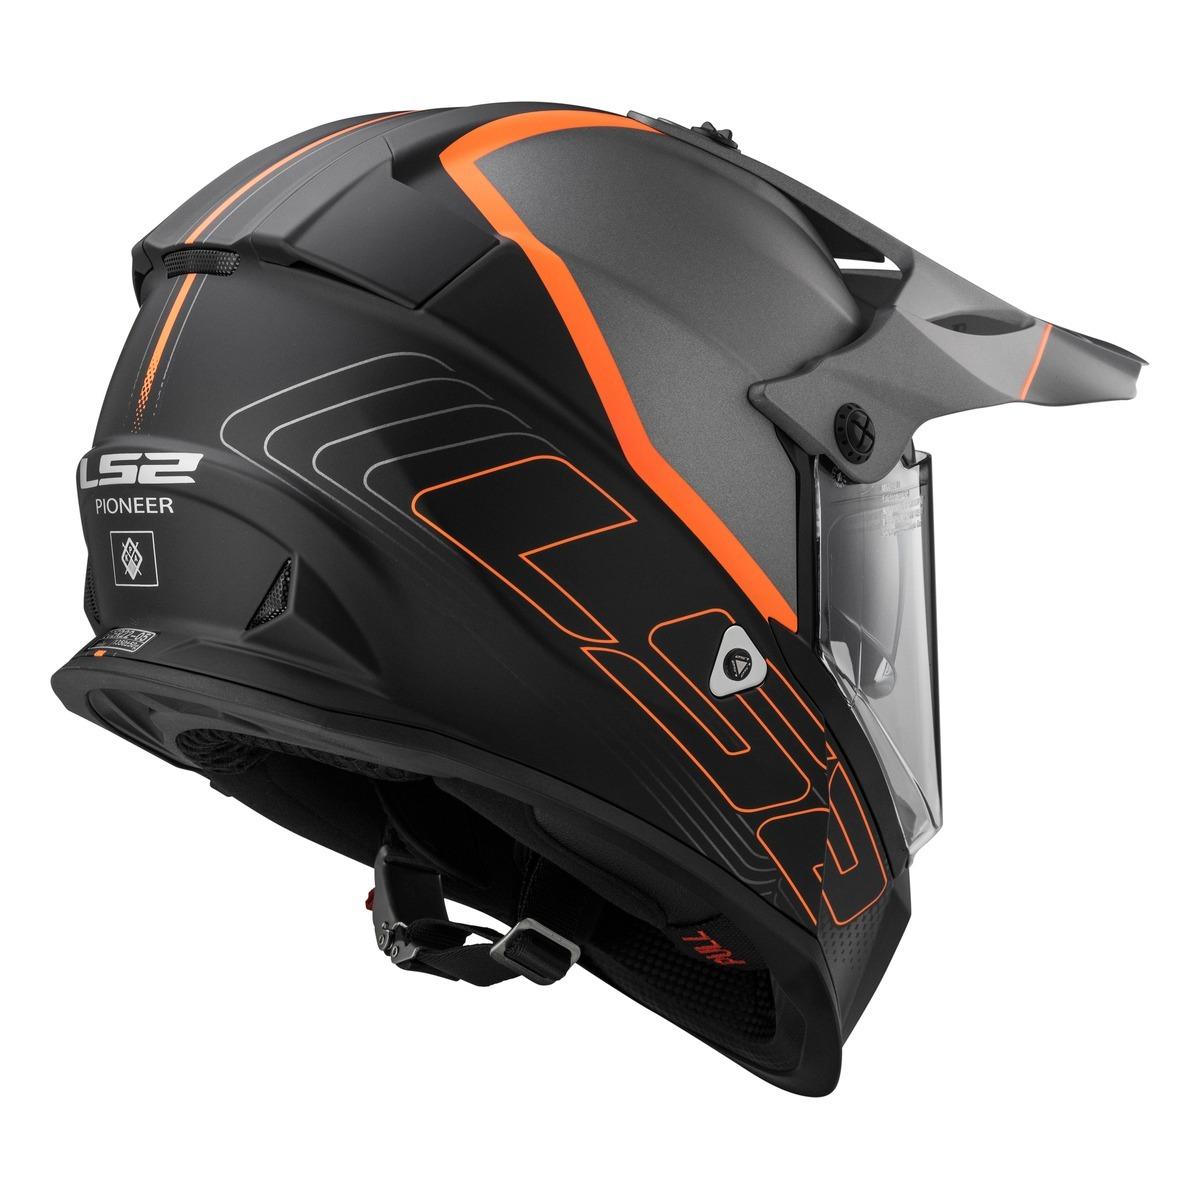 c2c8ff9f1f8 casco moto ls2 mx436 pioneer element matt black titanium. Cargando zoom.